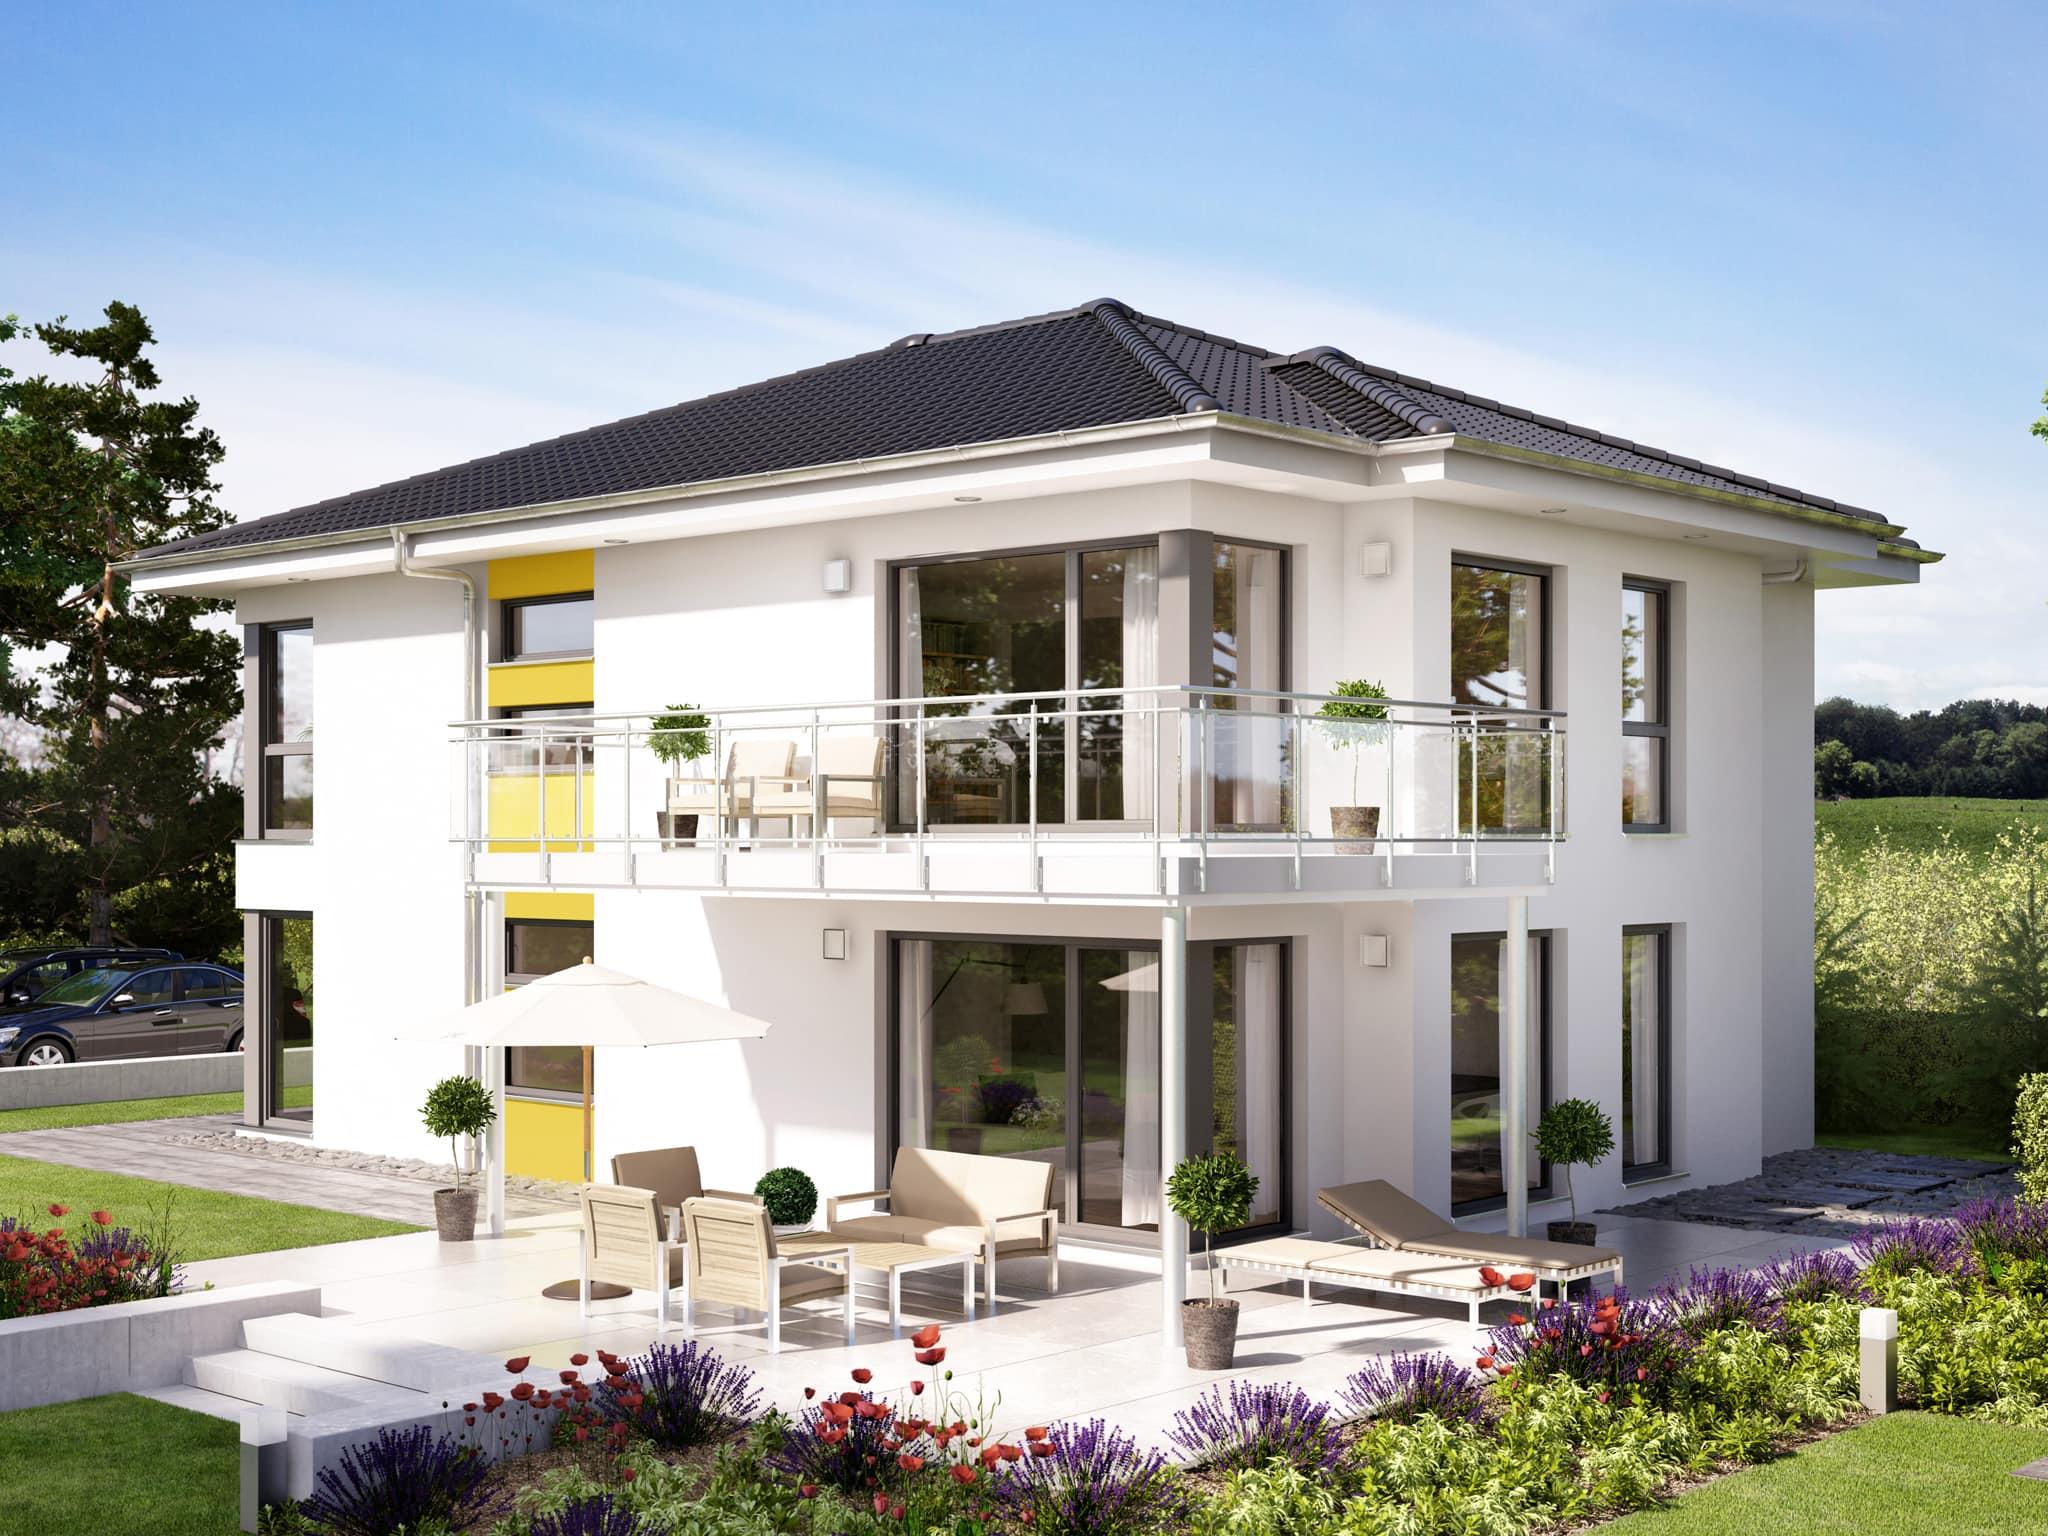 Zweifamilienhaus Stadtvilla mit Walmdach Architektur & 2 übereinander liegenden Wohnungen - Mehrgenerationenhaus bauen Ideen Fertighaus SOLUTION 204 V6 von Living Haus - HausbauDirekt.de